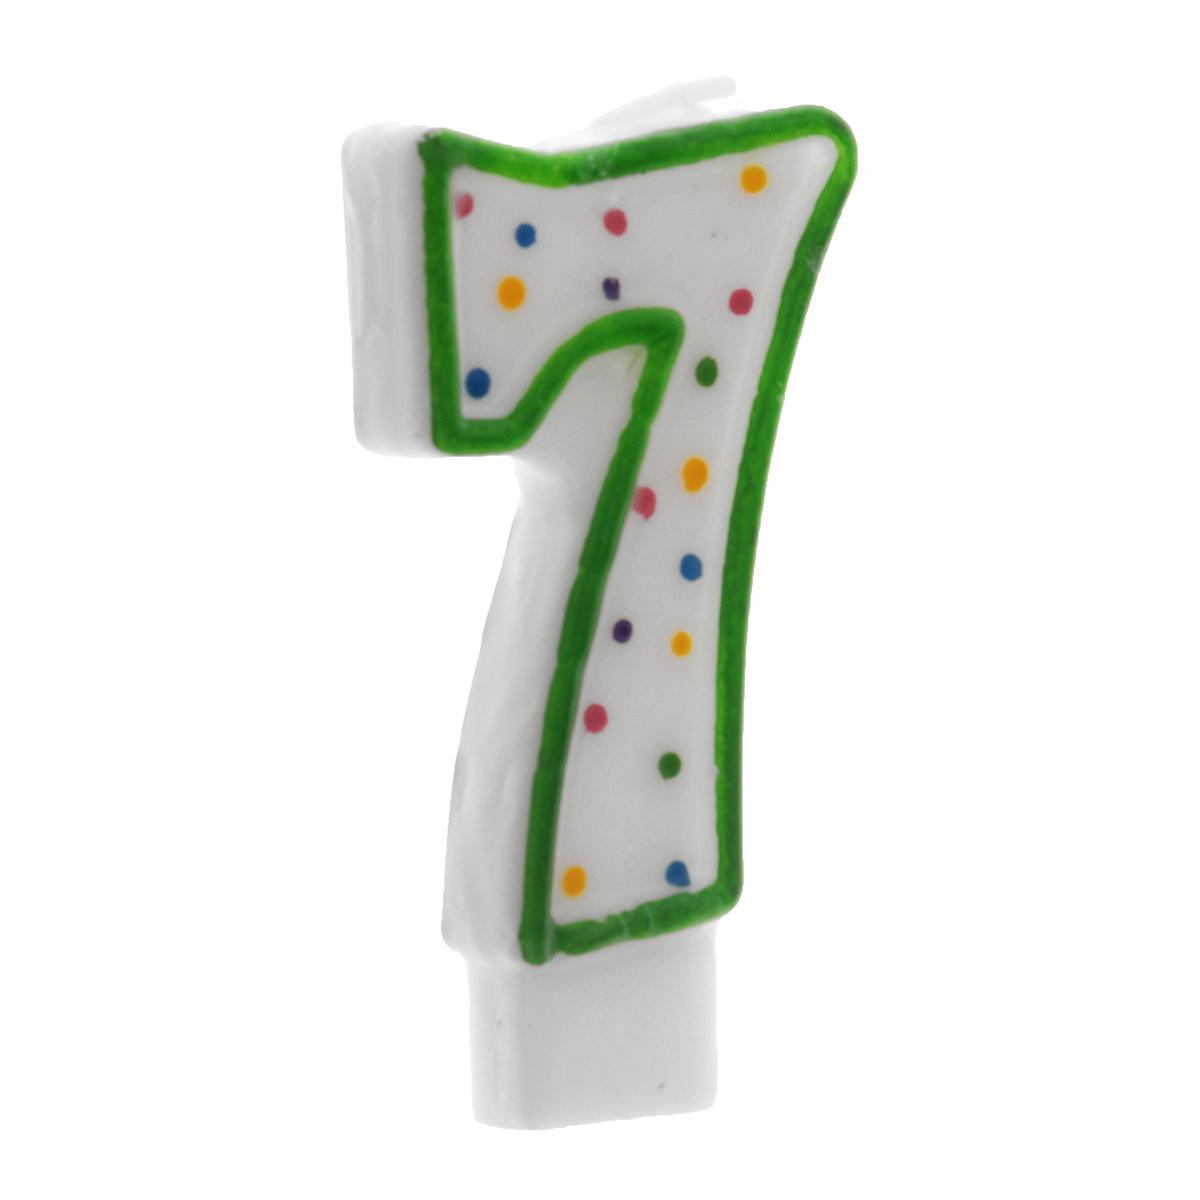 Свеча-цифра для торта Wilton Цифра 7, цвет: зеленый, высота 7,6 см свеча смурфики цифра 2 7 5 см 1 шт 21825